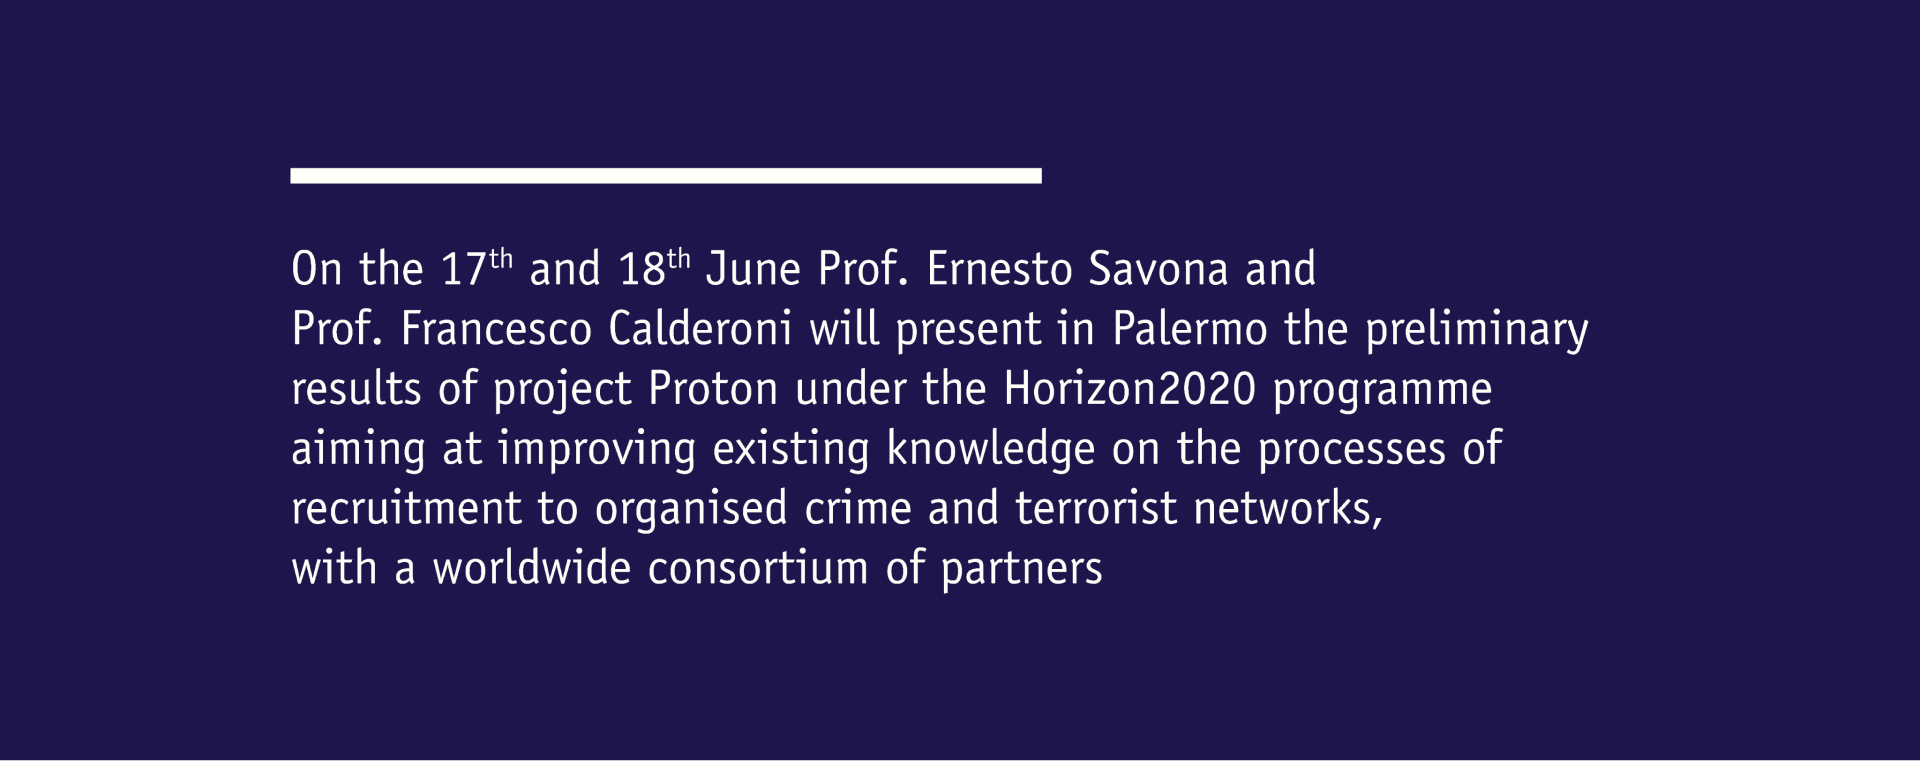 proton project preliminary